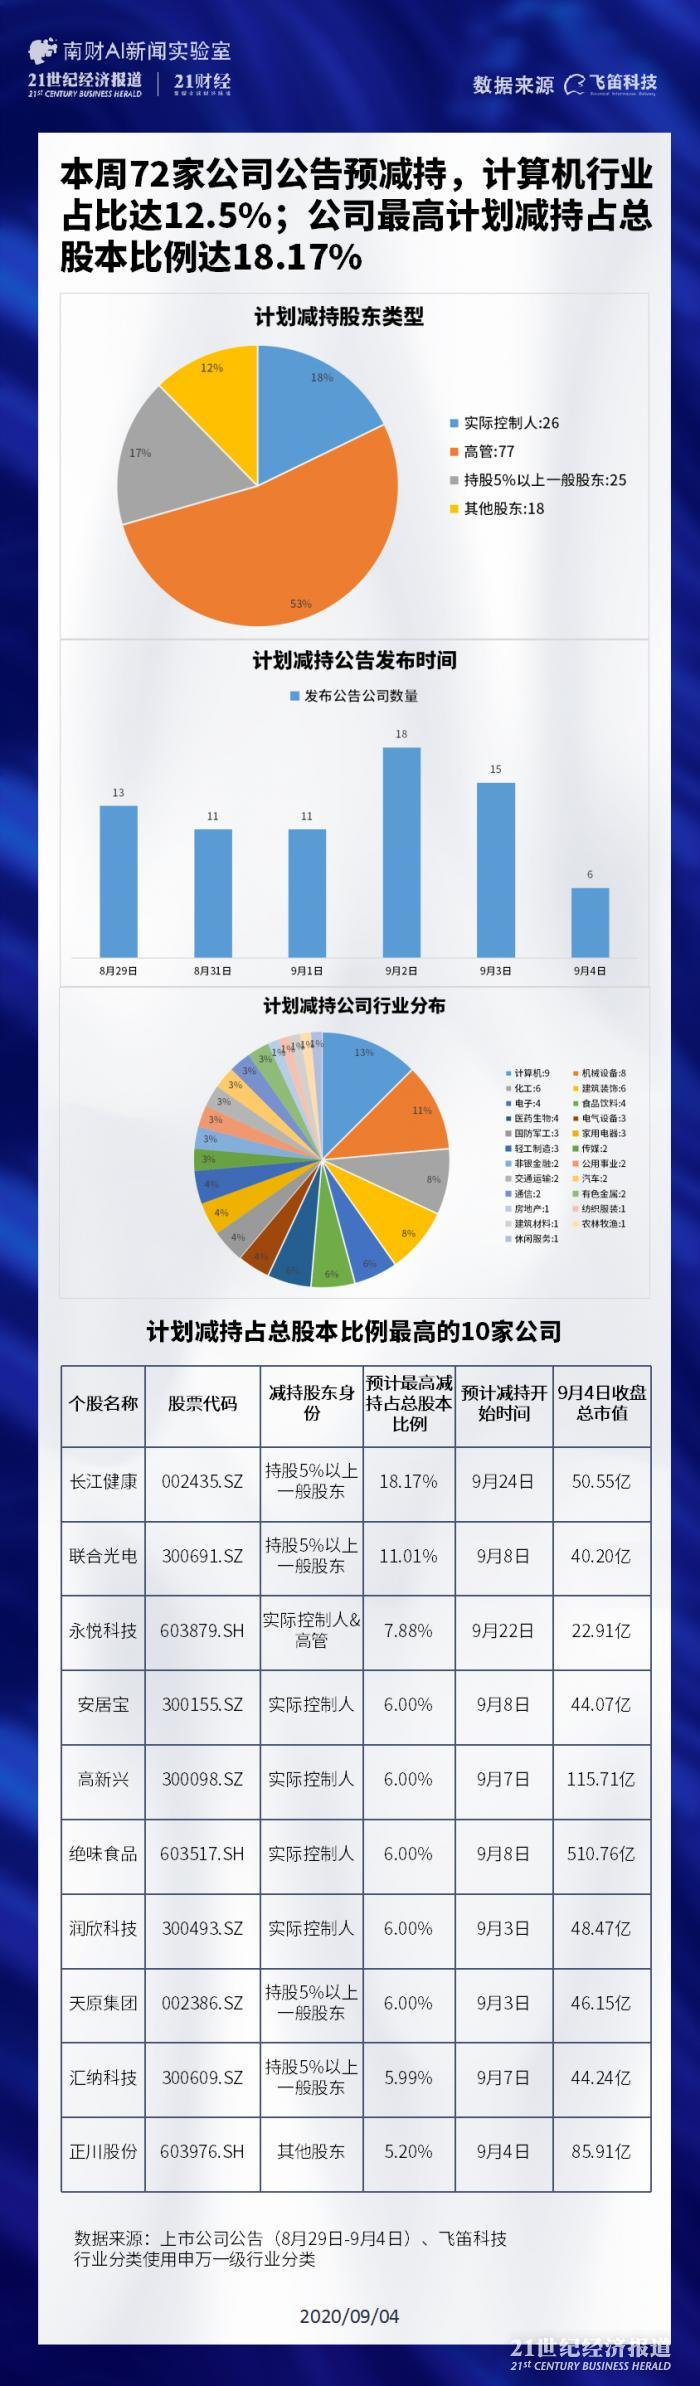 72家公司预减持计算机行业占12.5% 永悦科技七成高管纷纷出逃